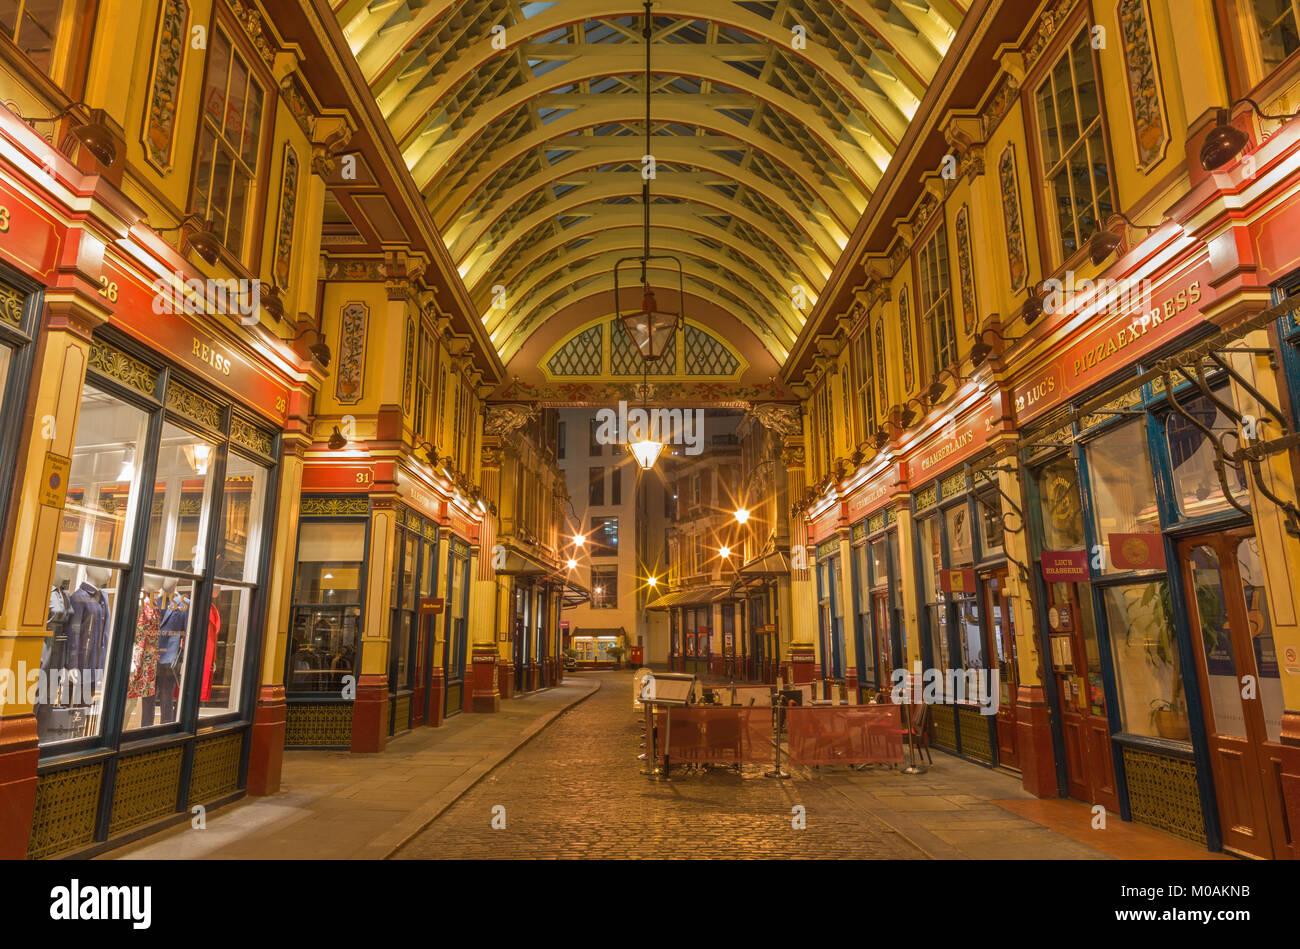 Londra, Gran Bretagna - 18 settembre 2017: La galleria del mercato Leadenhall di notte. Foto Stock